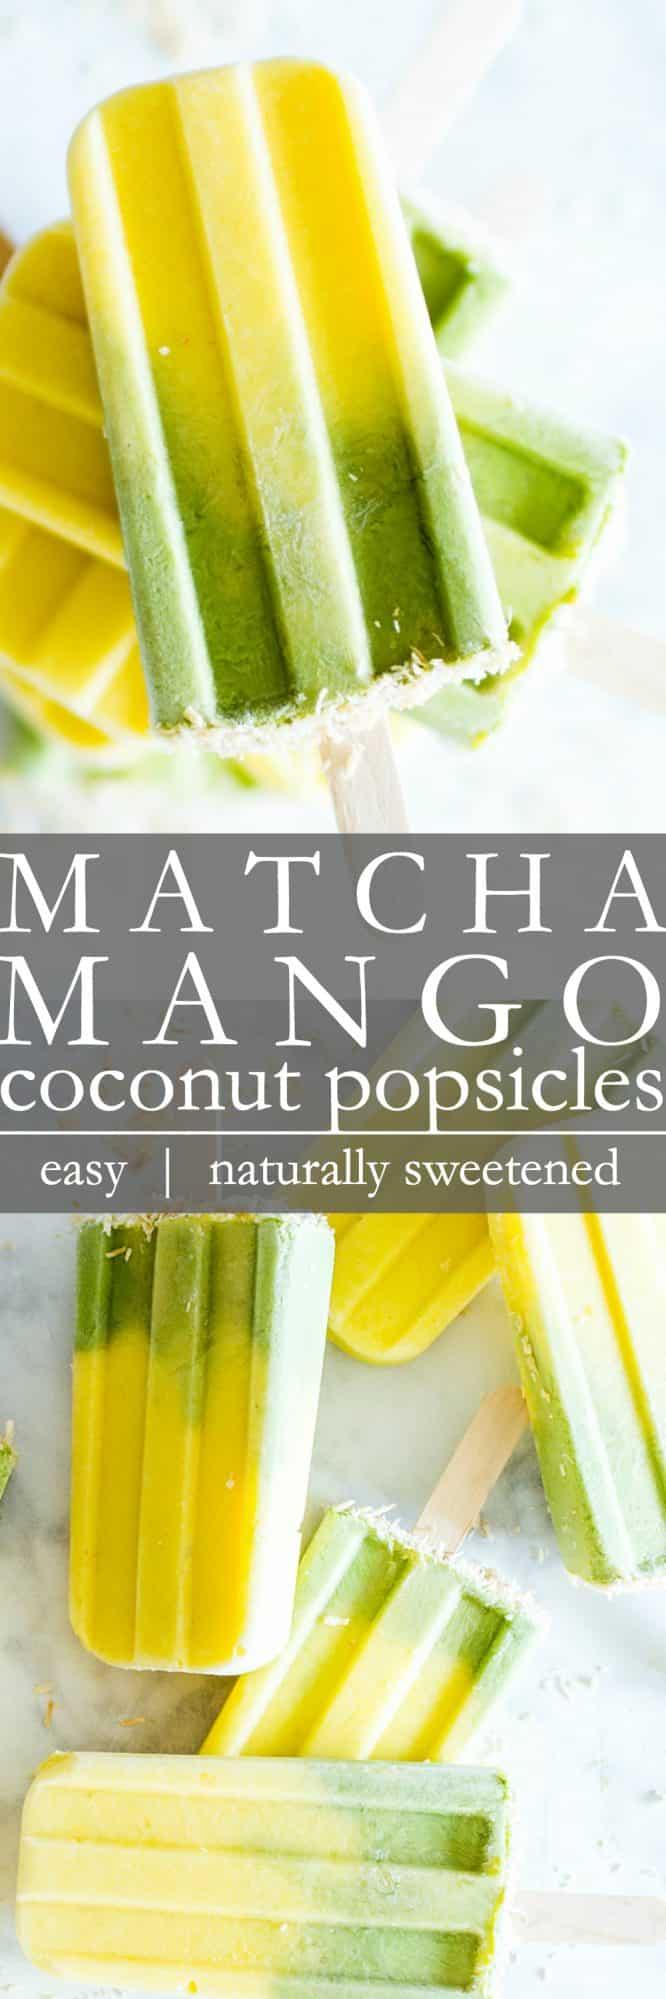 Matcha-Mango Coconut Popsicles